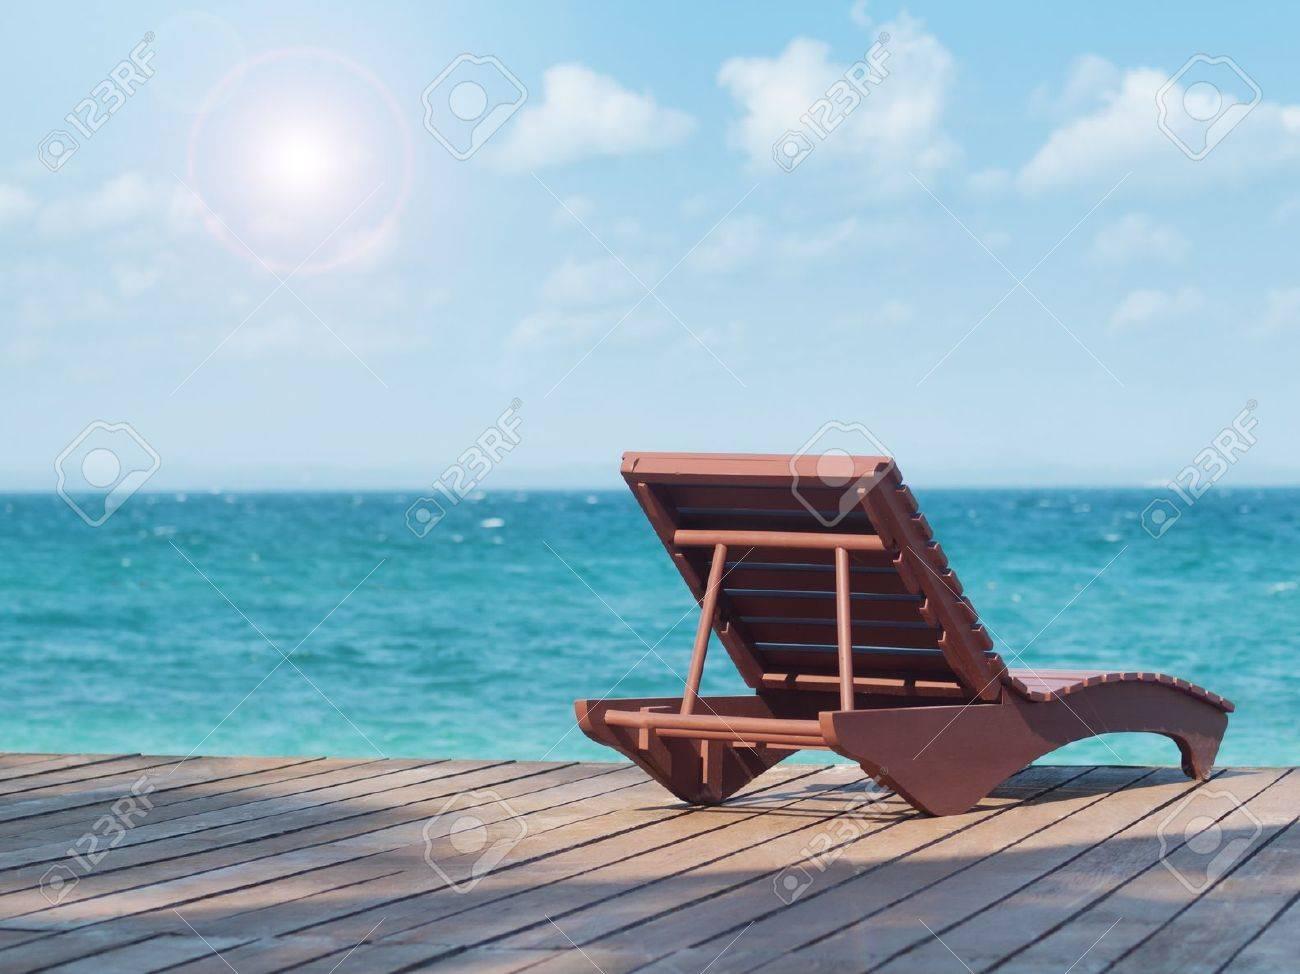 Beach resort Stock Photo - 10365405